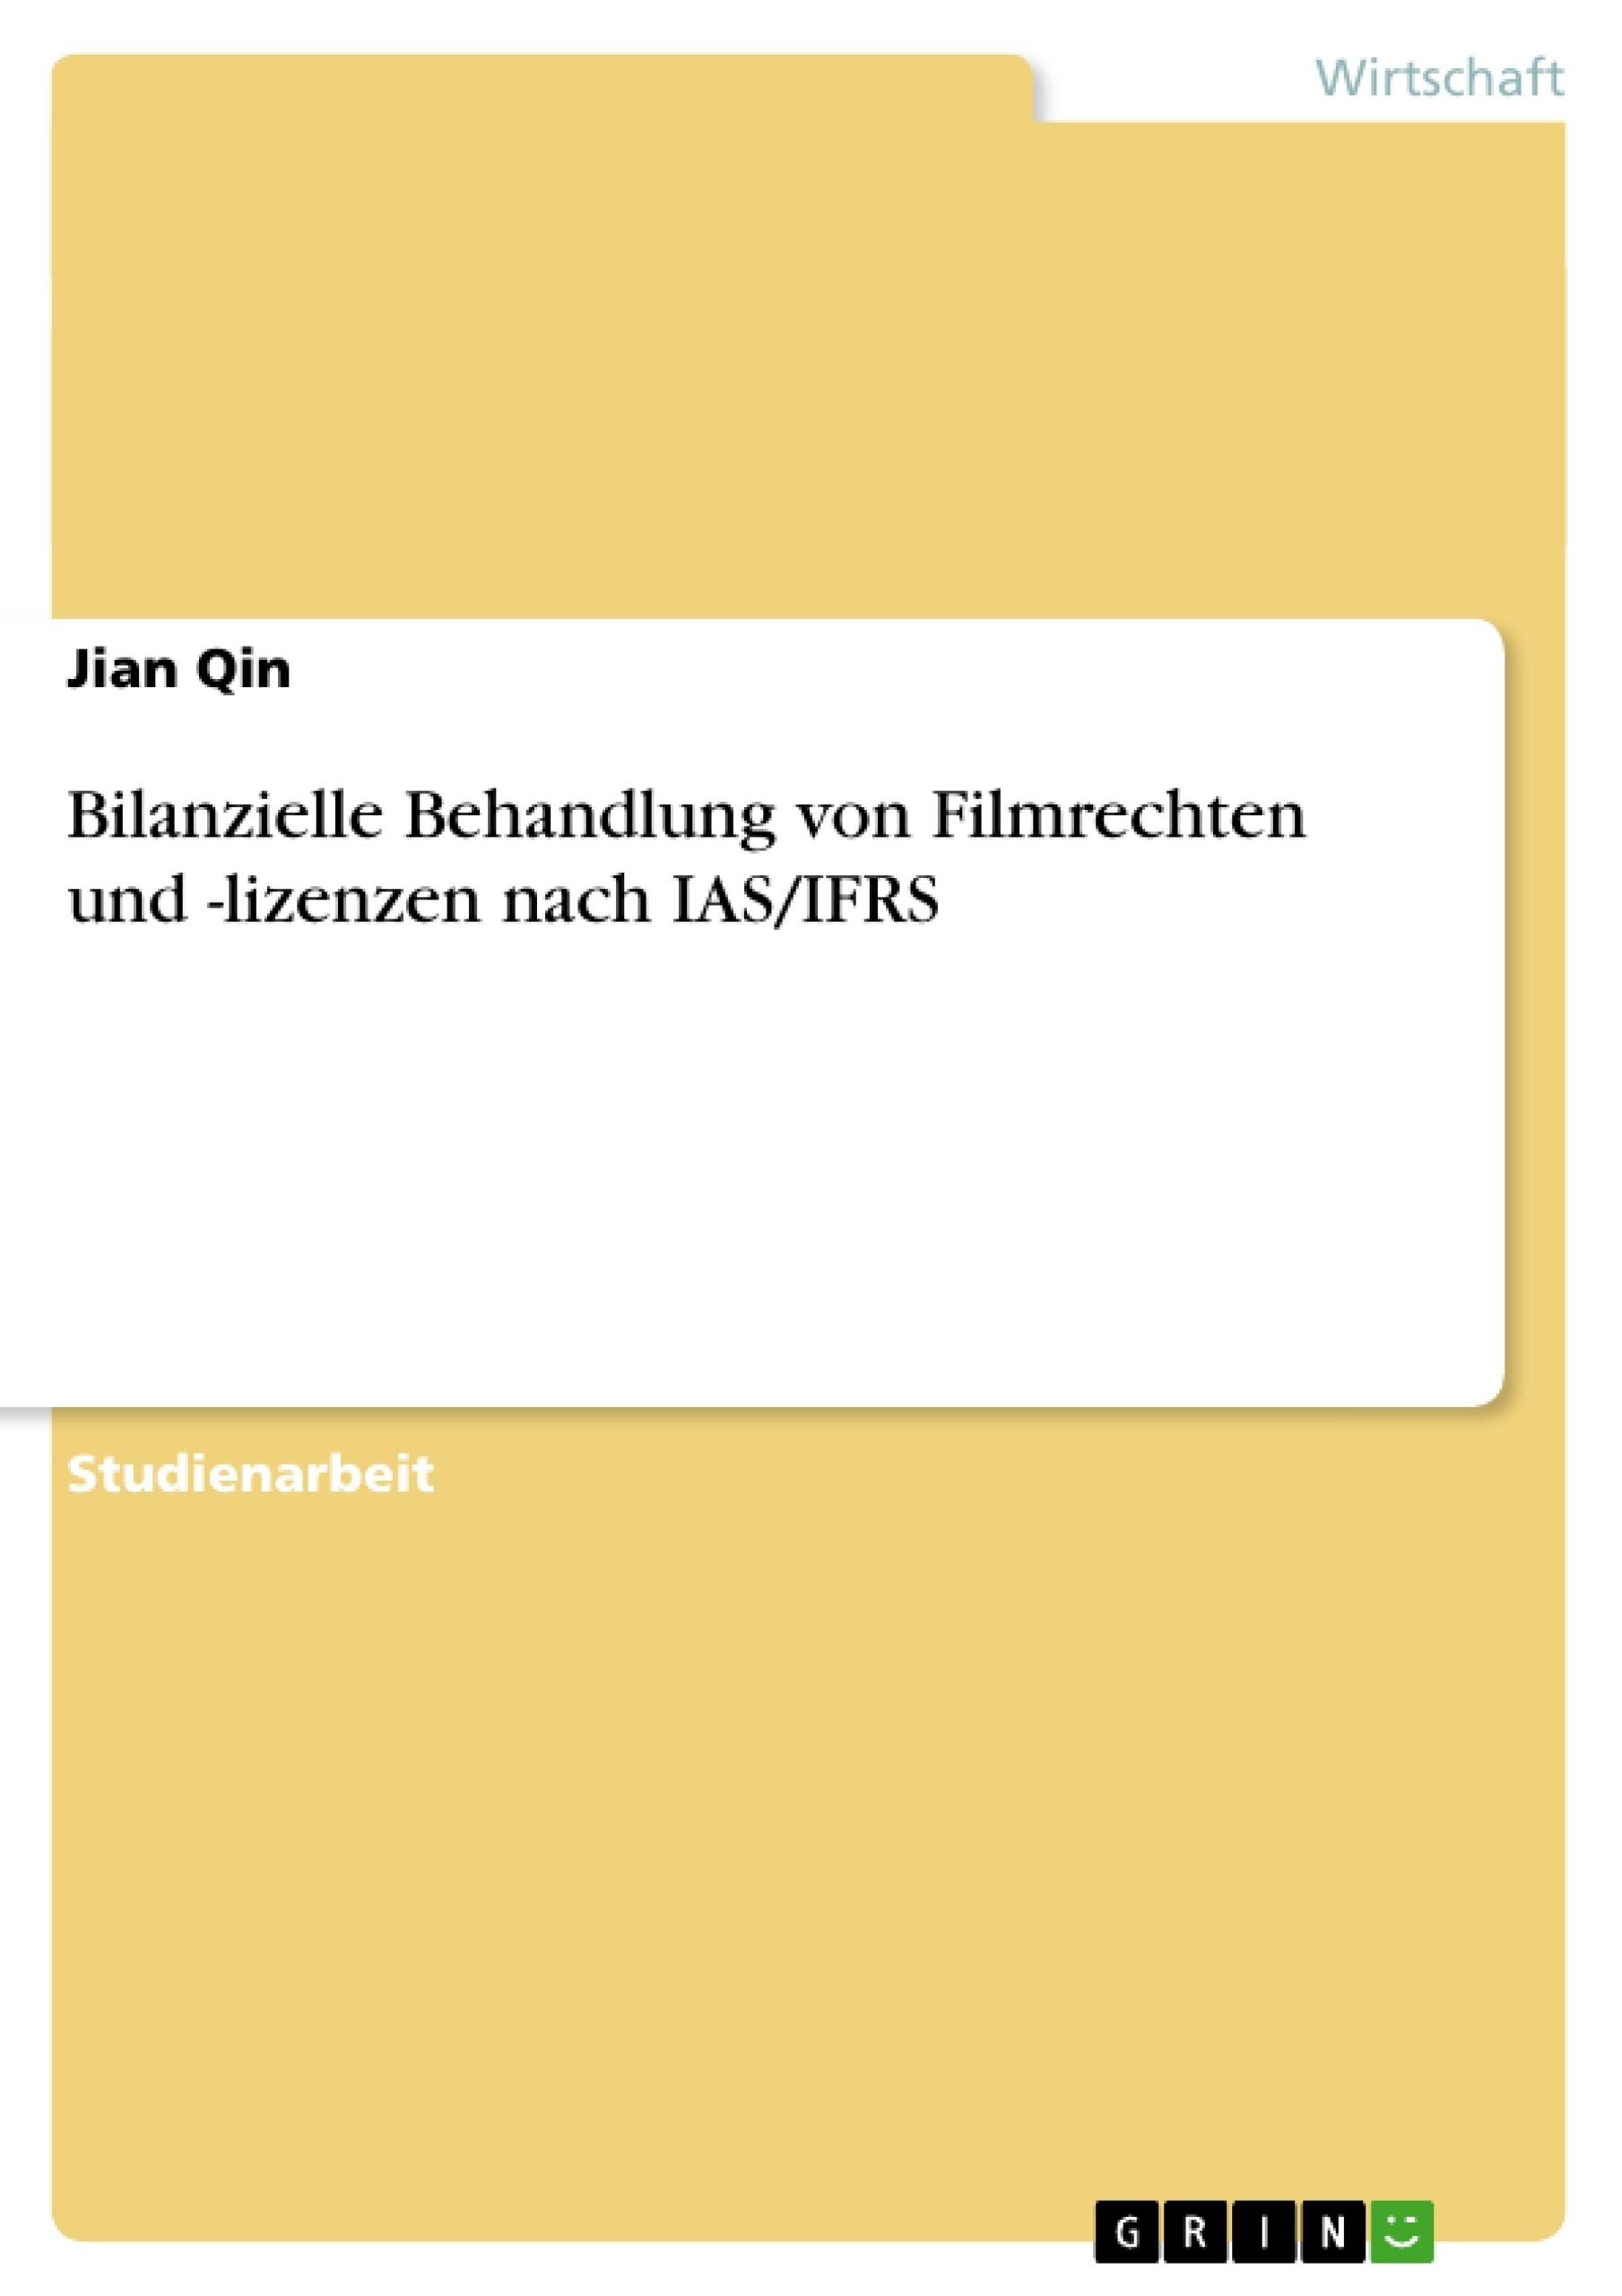 Titel: Bilanzielle Behandlung von Filmrechten und -lizenzen nach IAS/IFRS